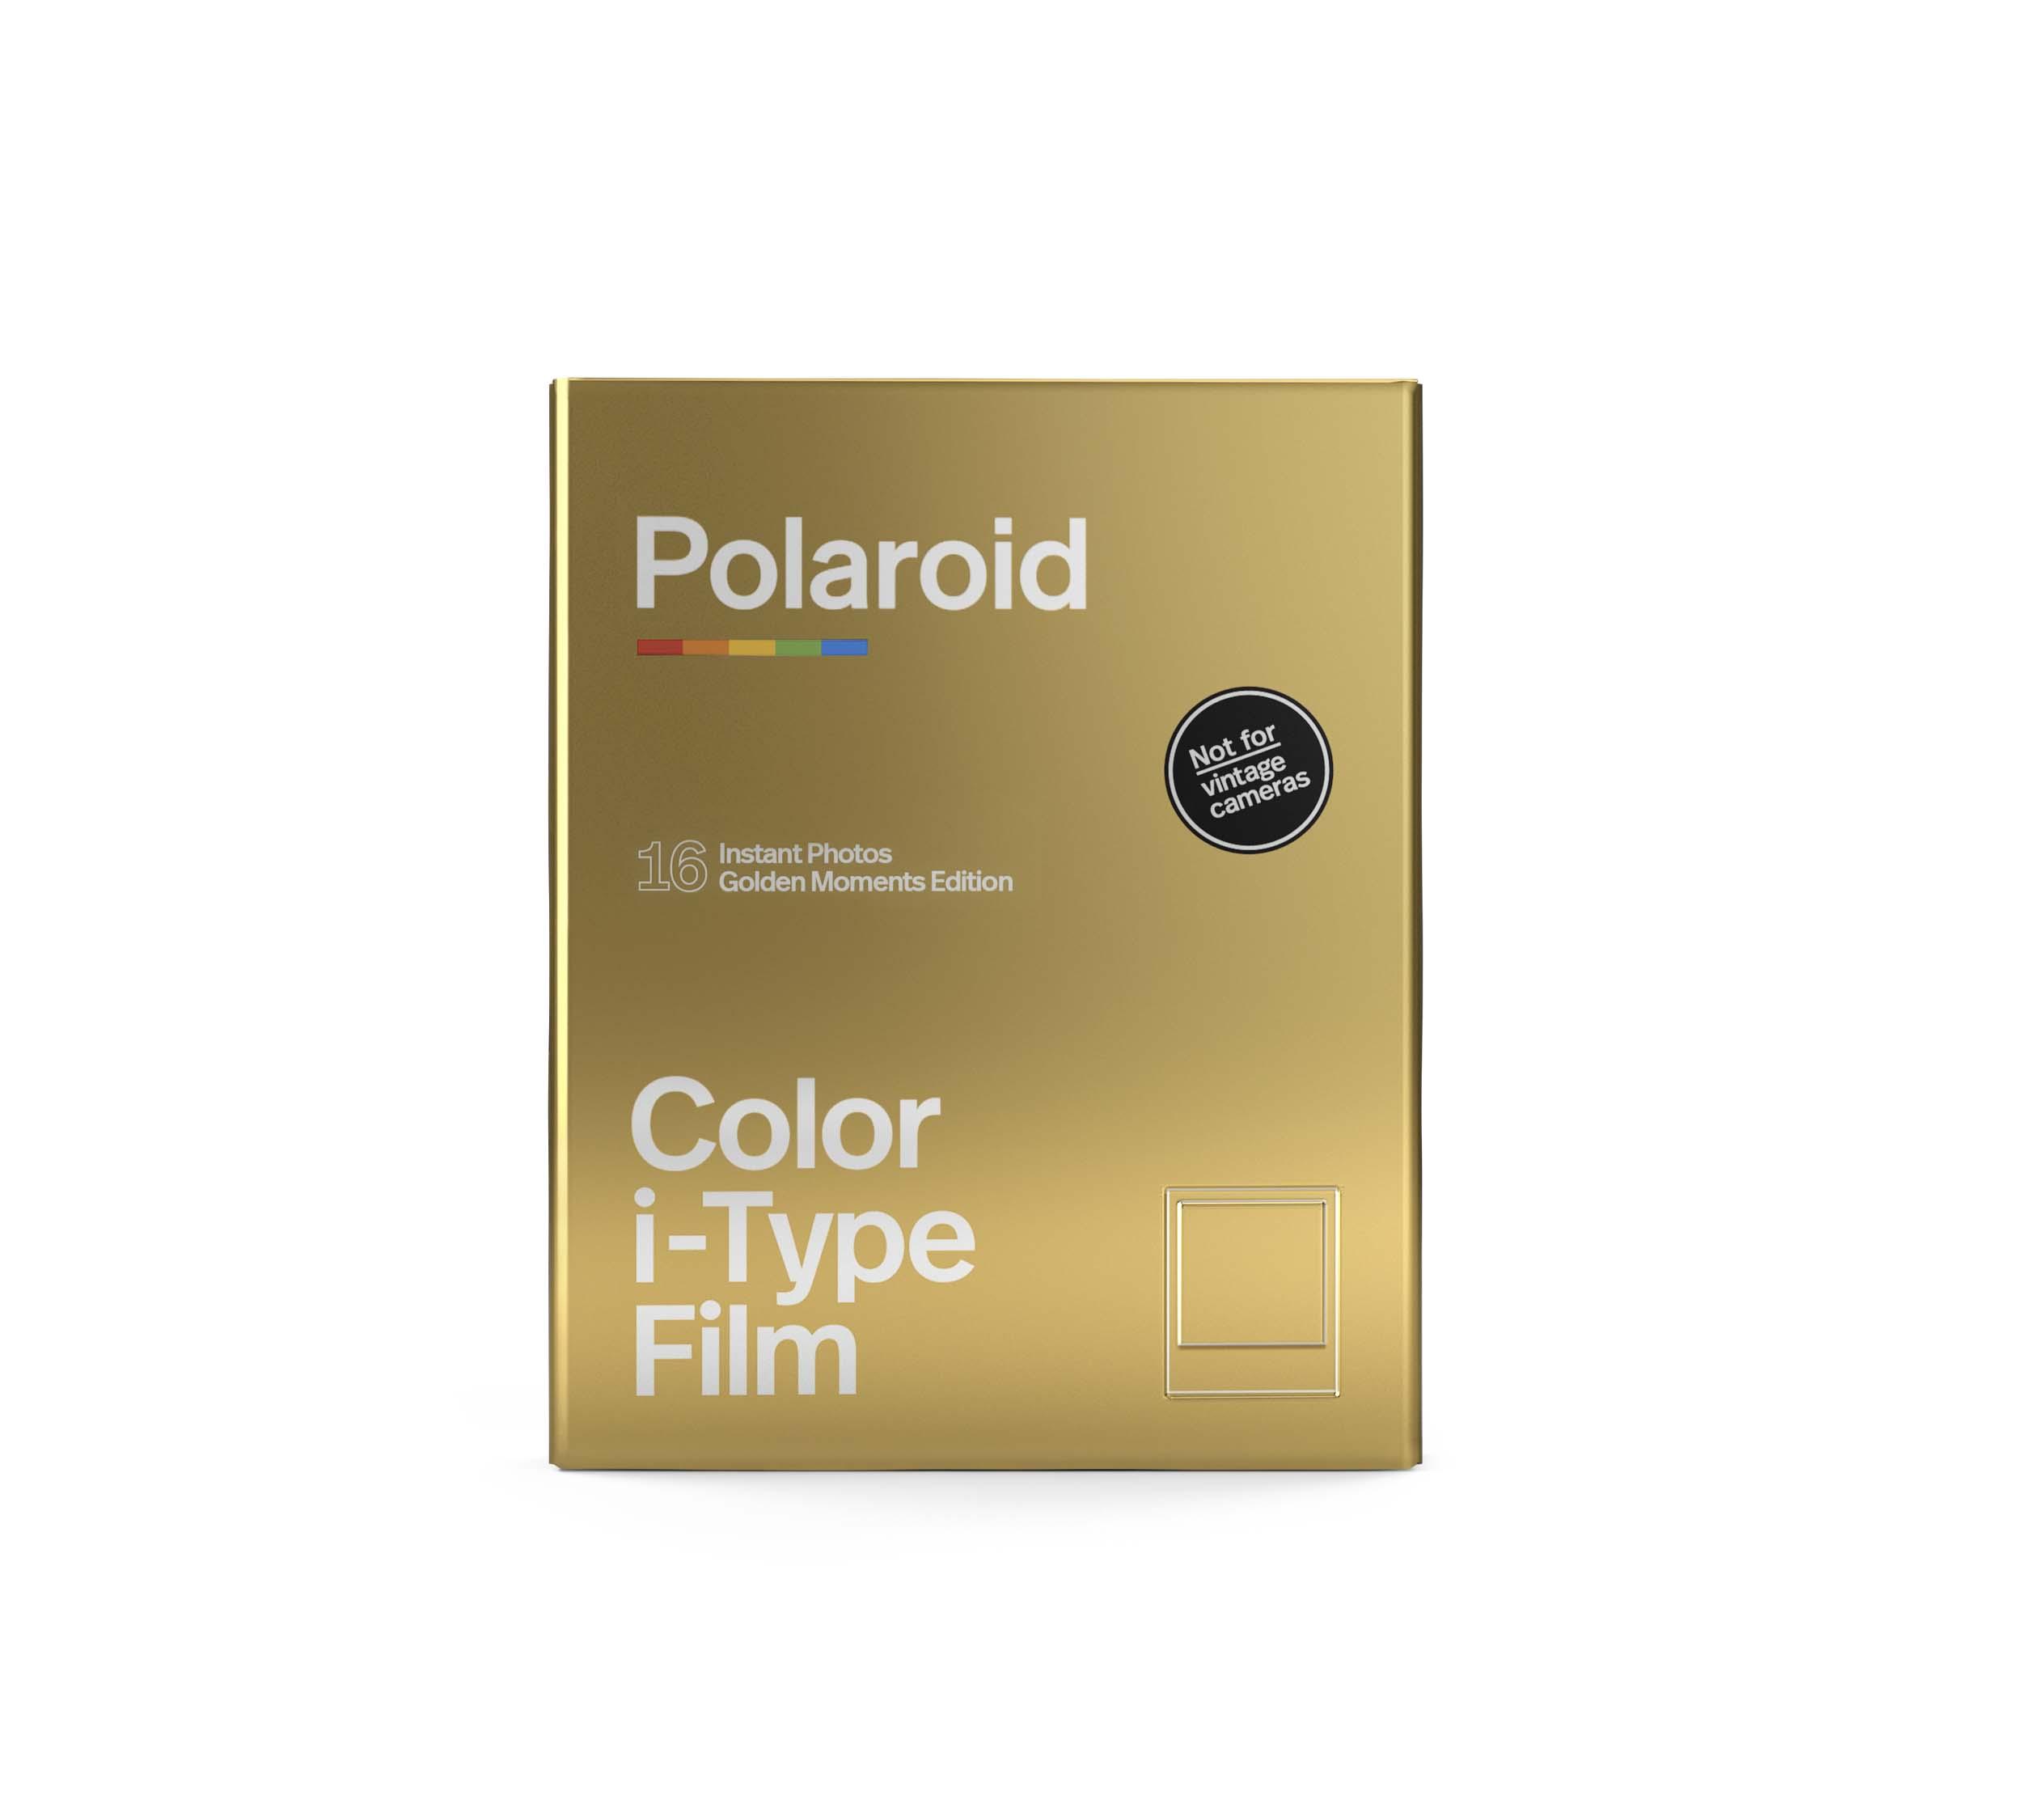 Papier photo instantané Polaroid (2x) 8 feuilles Golden Moments